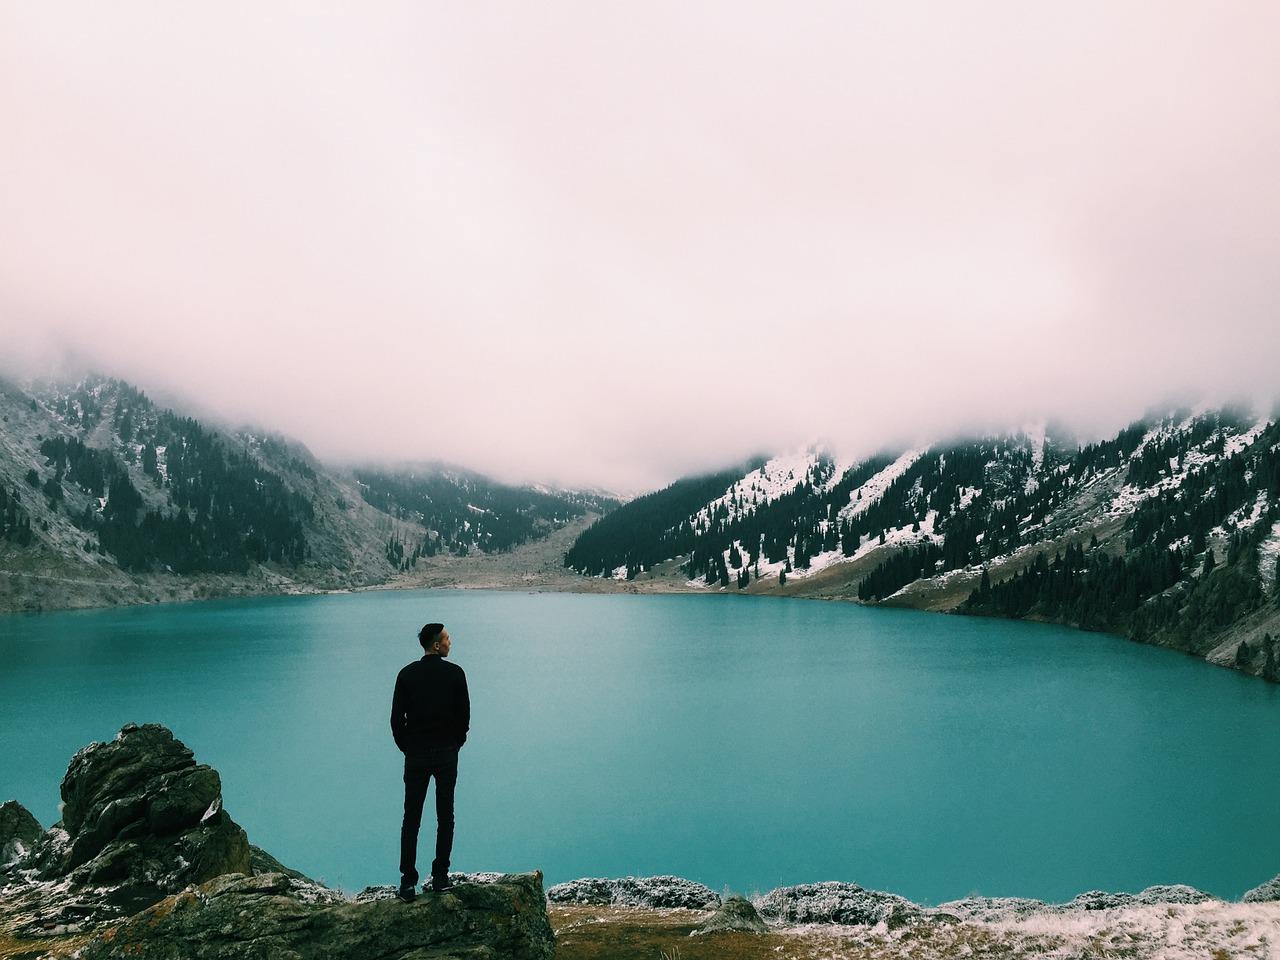 湖を見る男性(自由や解放のイメージ)